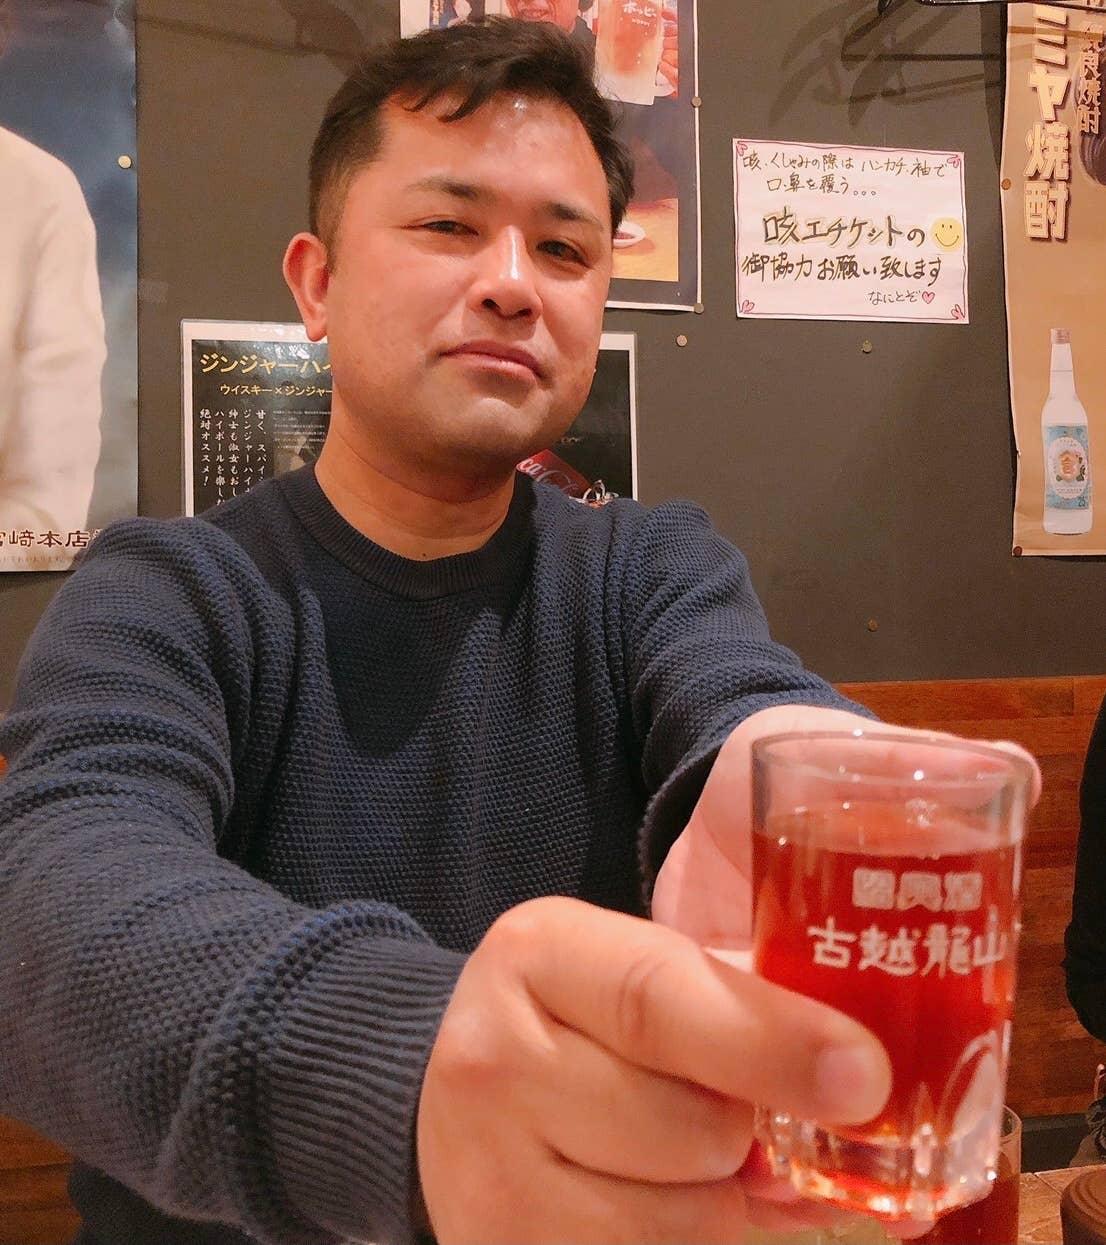 H.Okabayashi